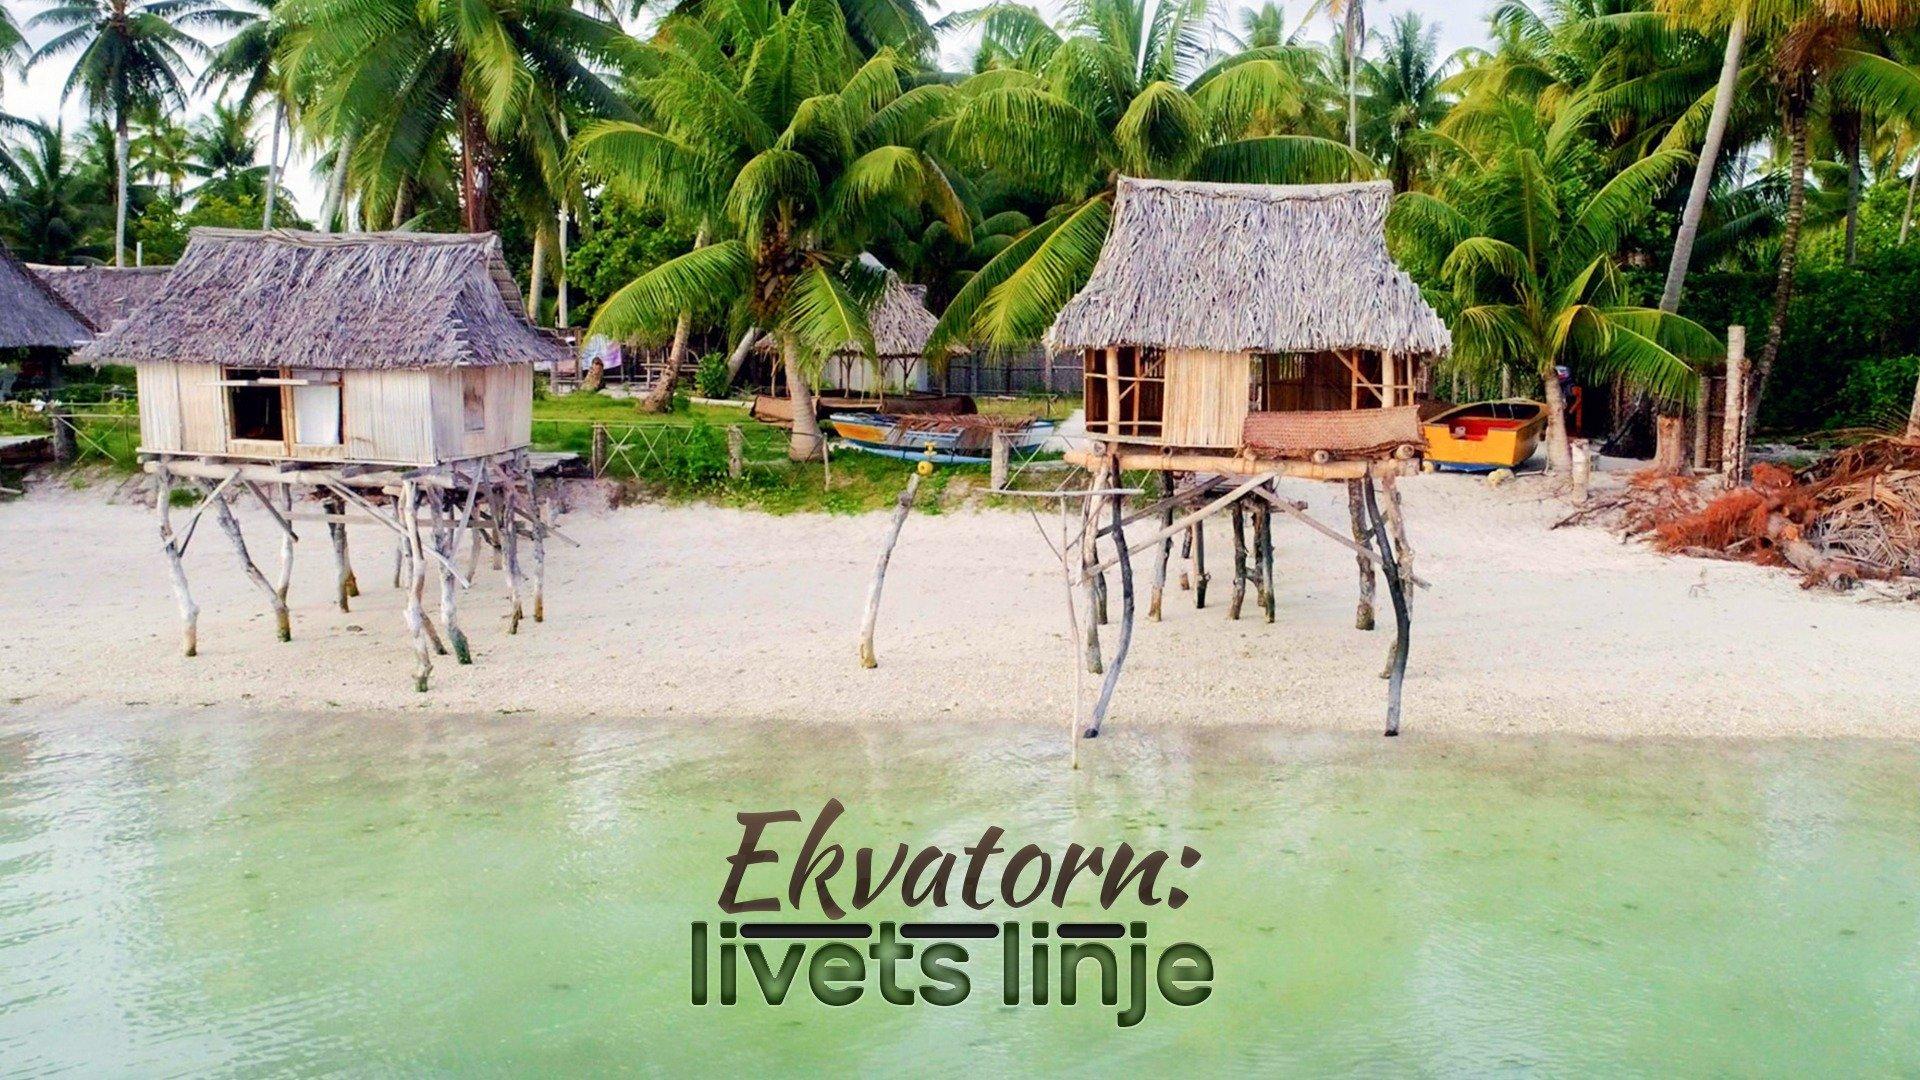 Ekvatorn: livets linje